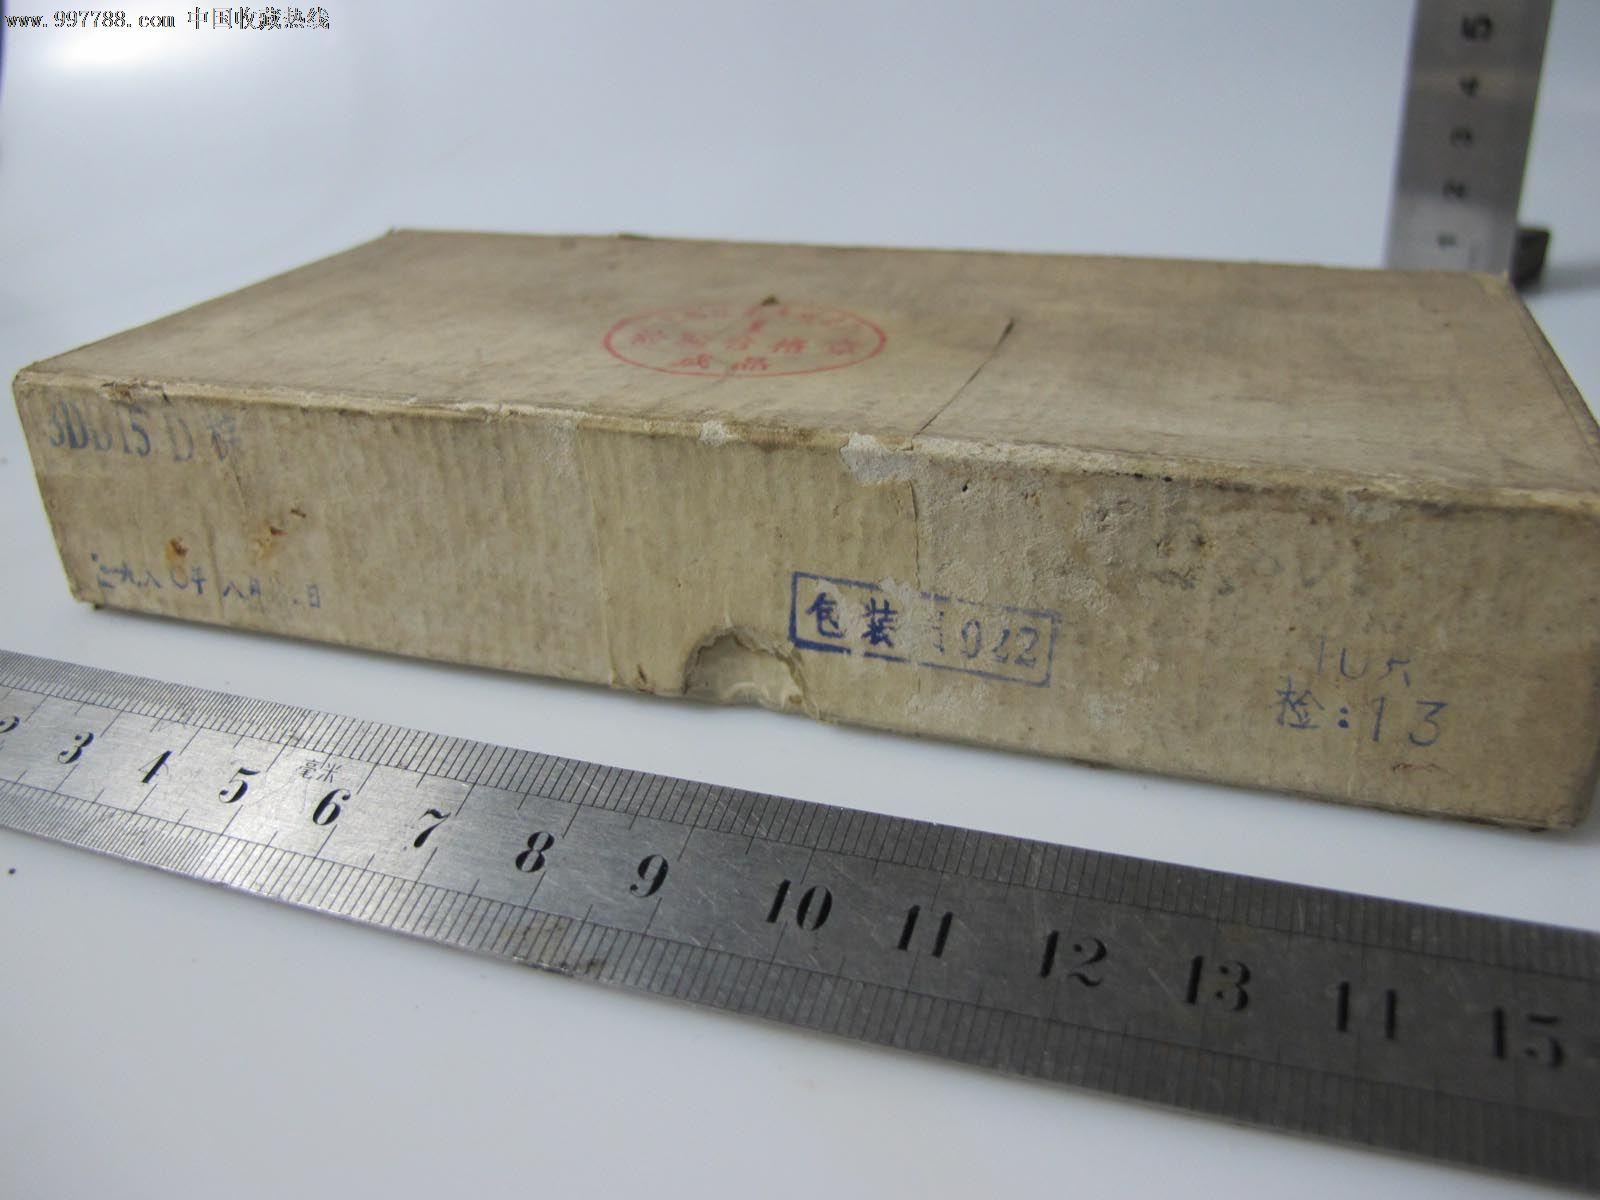 3dd15d(三级管)全新80年产带原包装盒_电视机_老字号